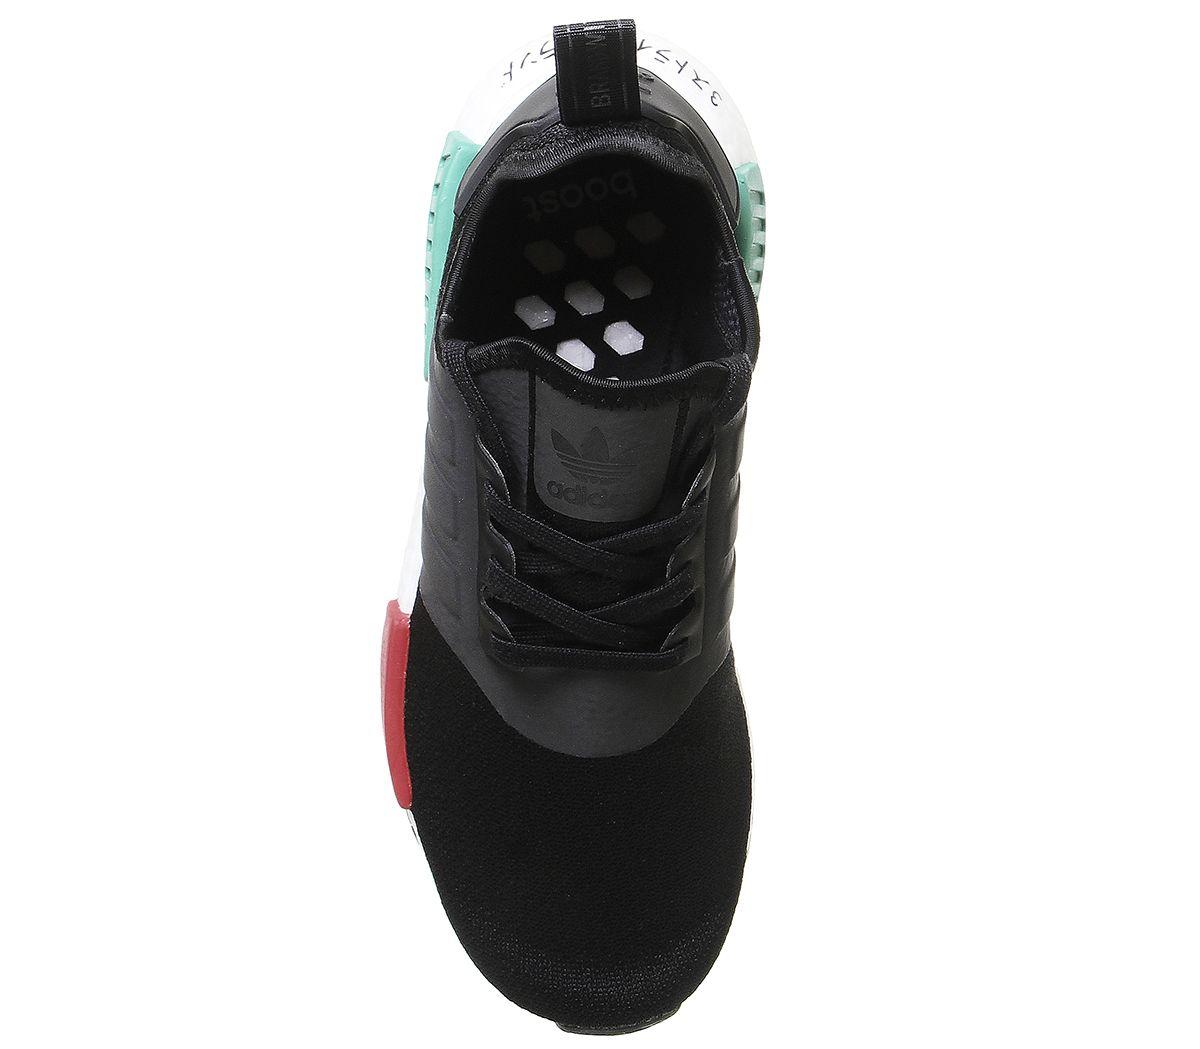 Zapatilla NMD_R1 STLT Primeknit Green adidas | adidas Regional